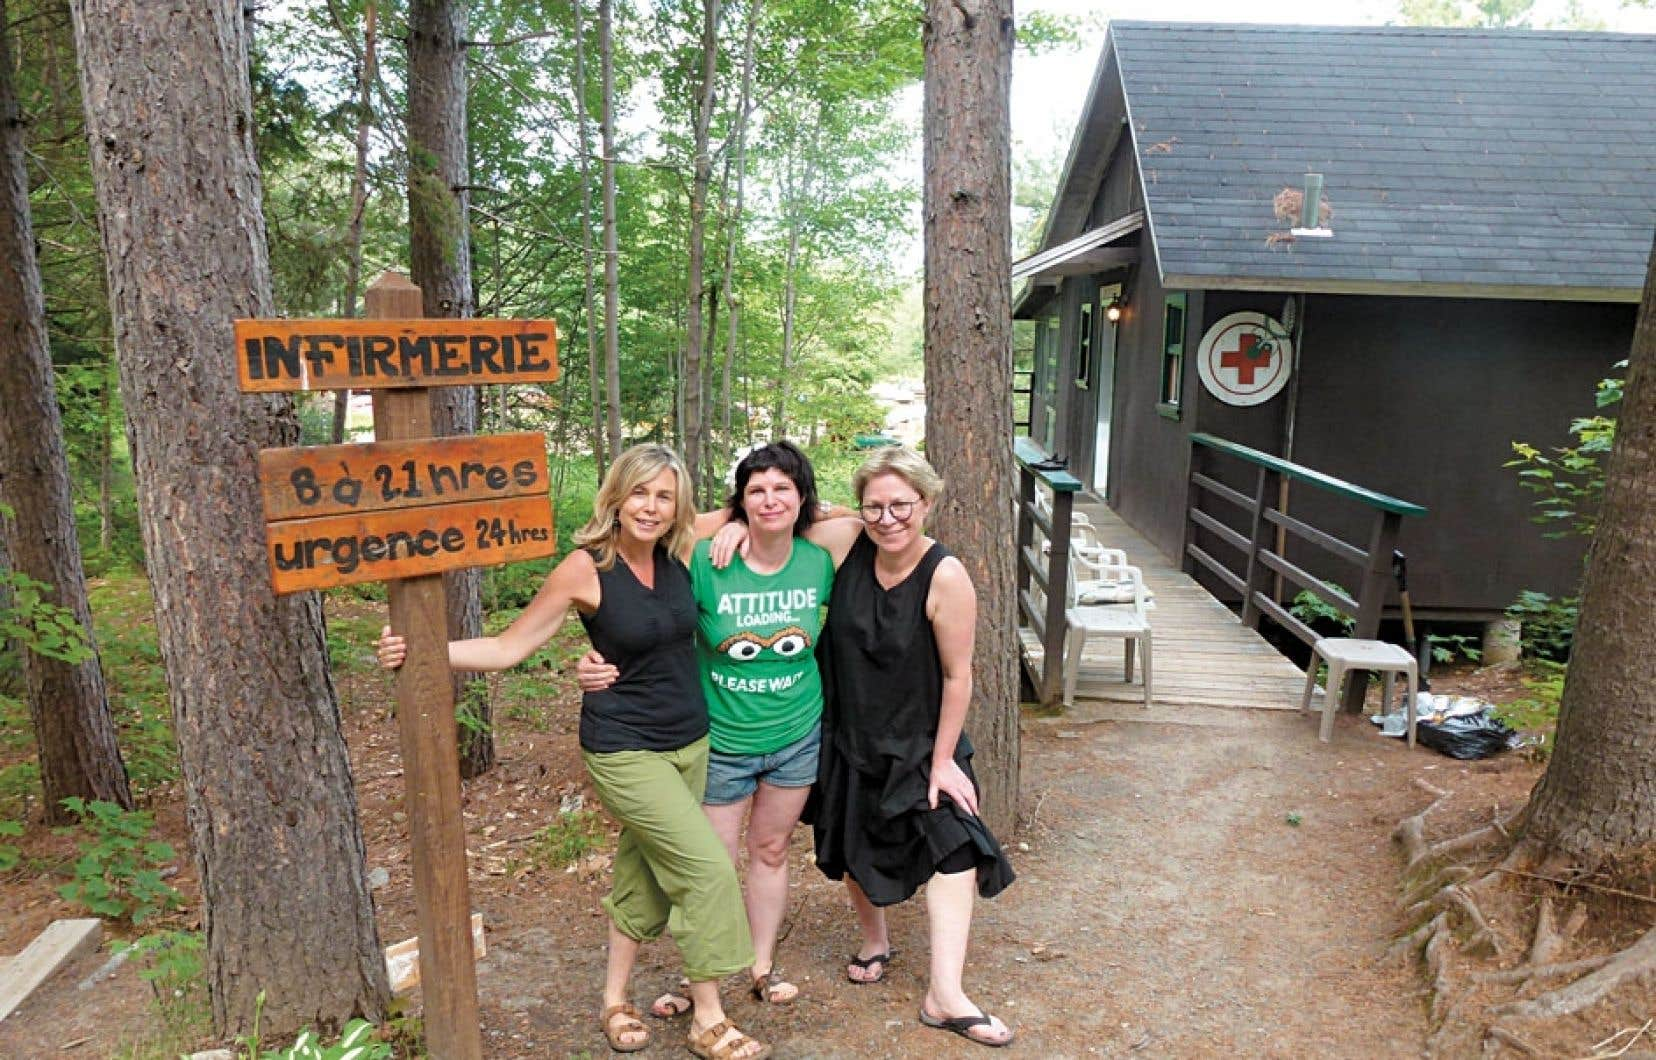 Les fées ont les bras ouverts à toute heure sur les rives du lac Minogami. Isabelle Renaud, Édith Beaudoin et Julie Morisset assurent la garde bénévolement et font office de présence maternelle.